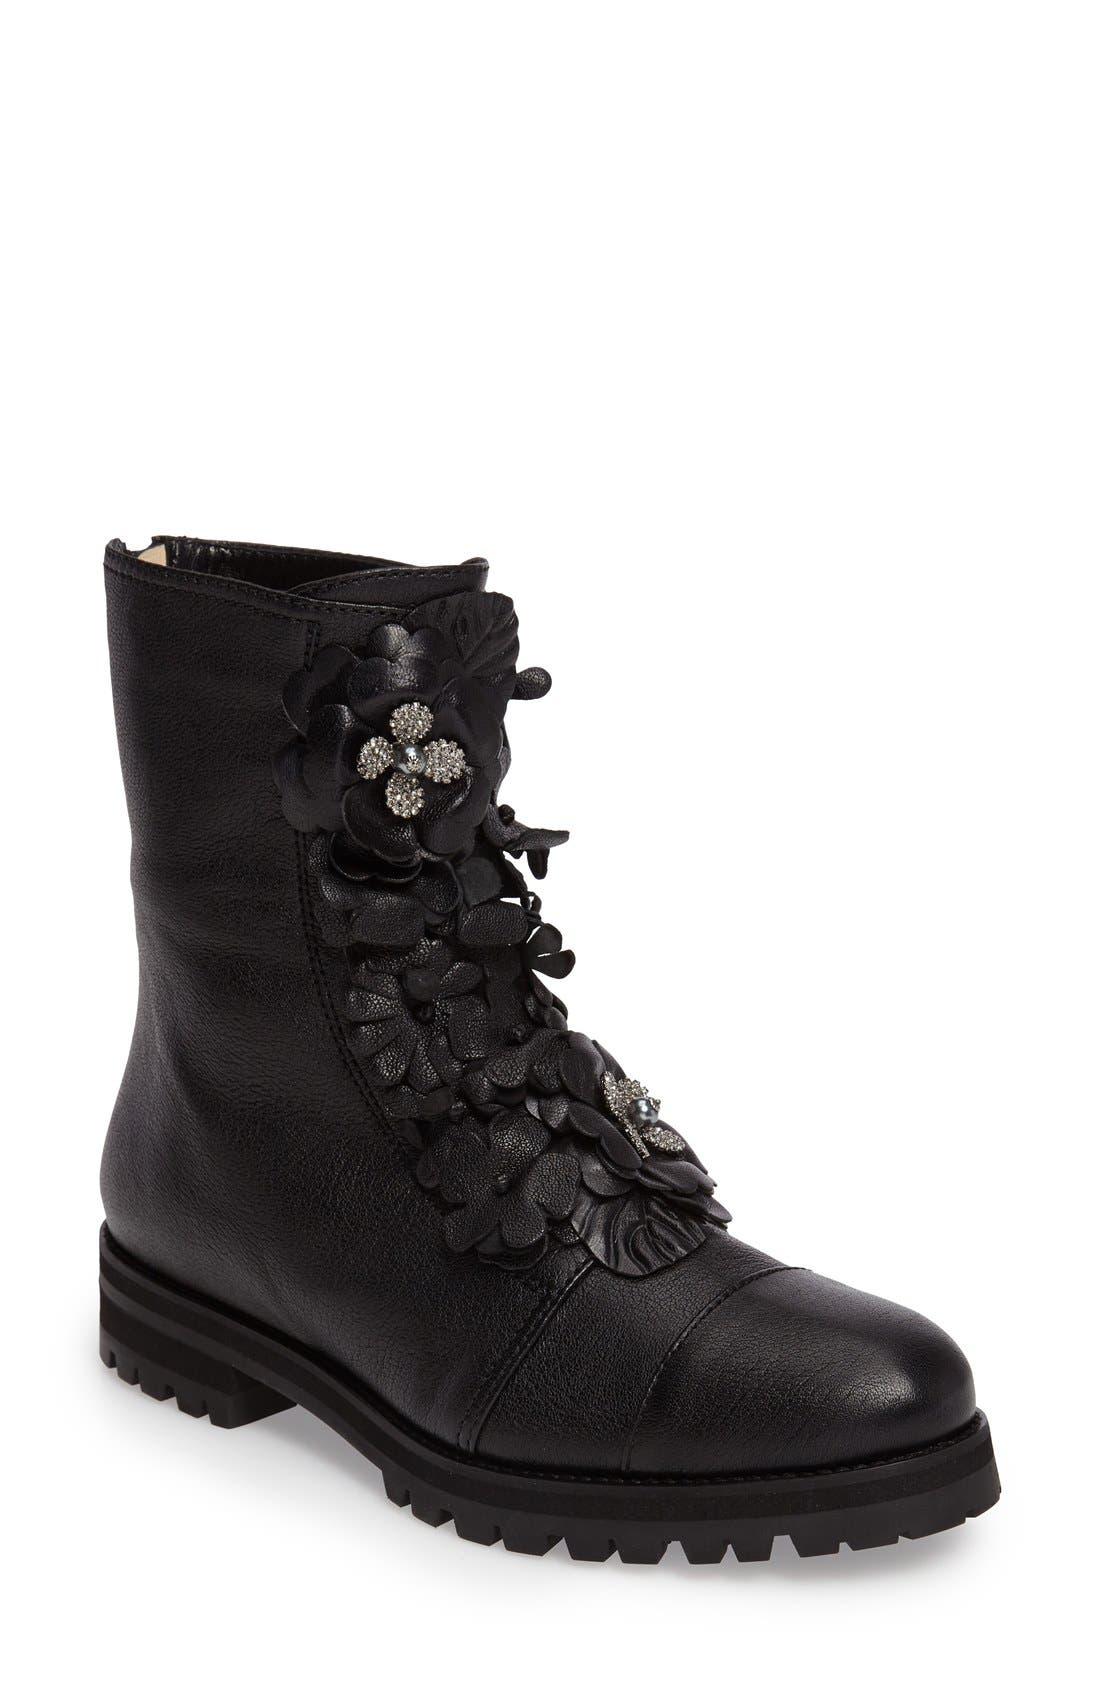 Alternate Image 1 Selected - Jimmy Choo Havana Floral Boot (Women)